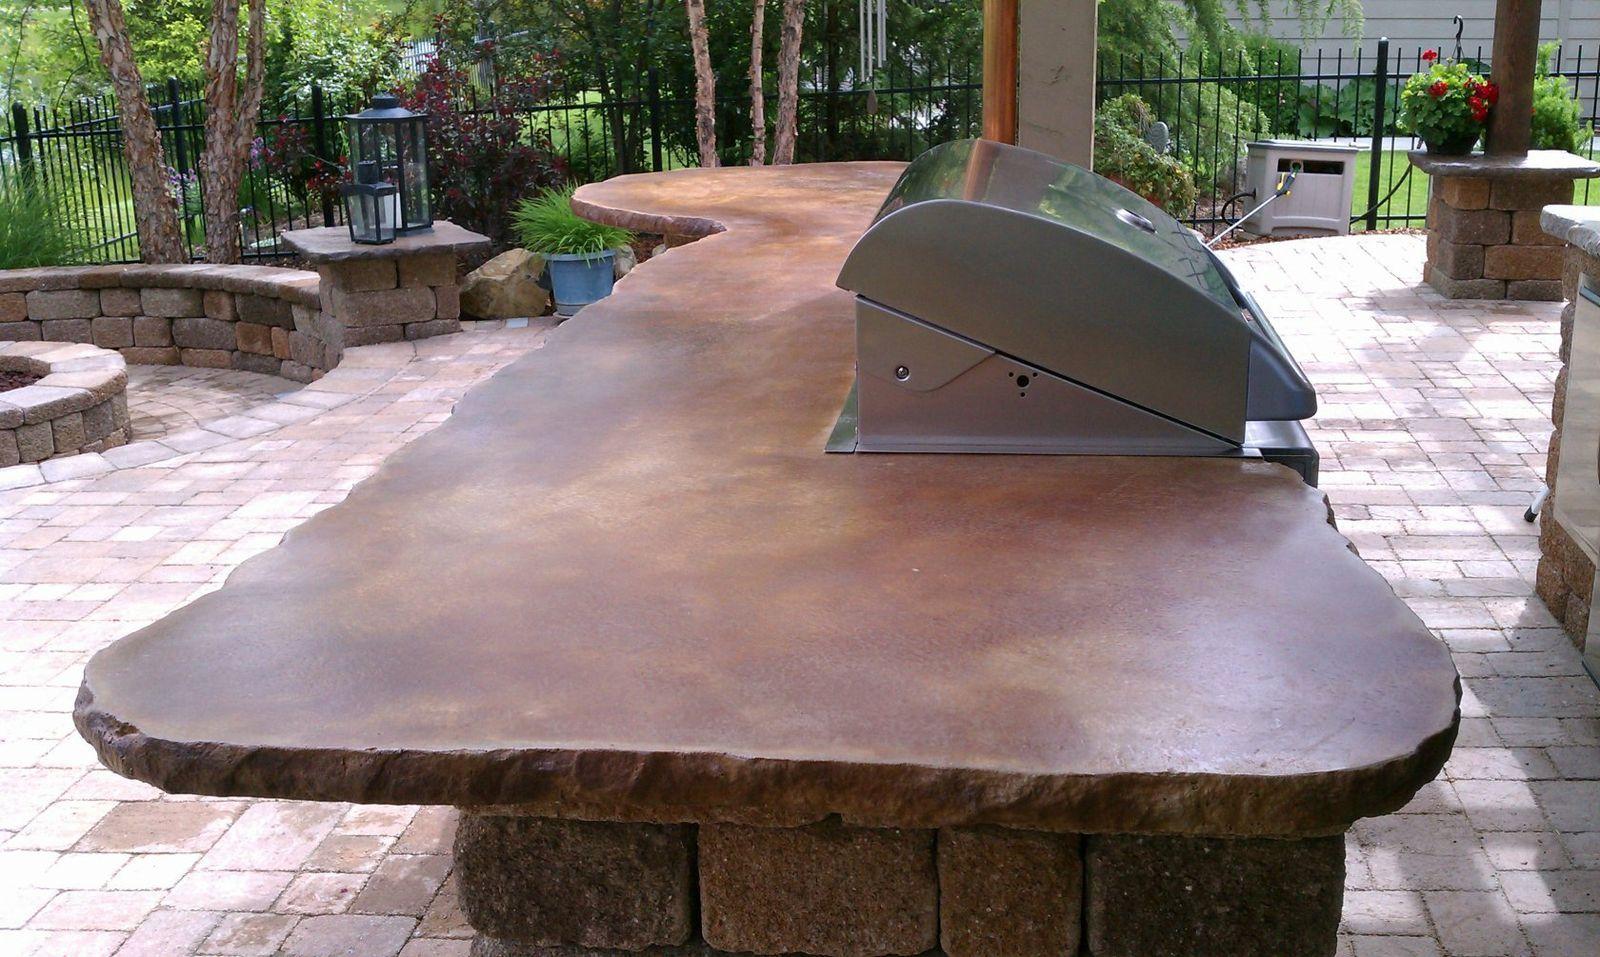 outdoor concrete countertop outdoor kitchen countertops Concrete Countertops For Outdoor Kitchen Zitzat